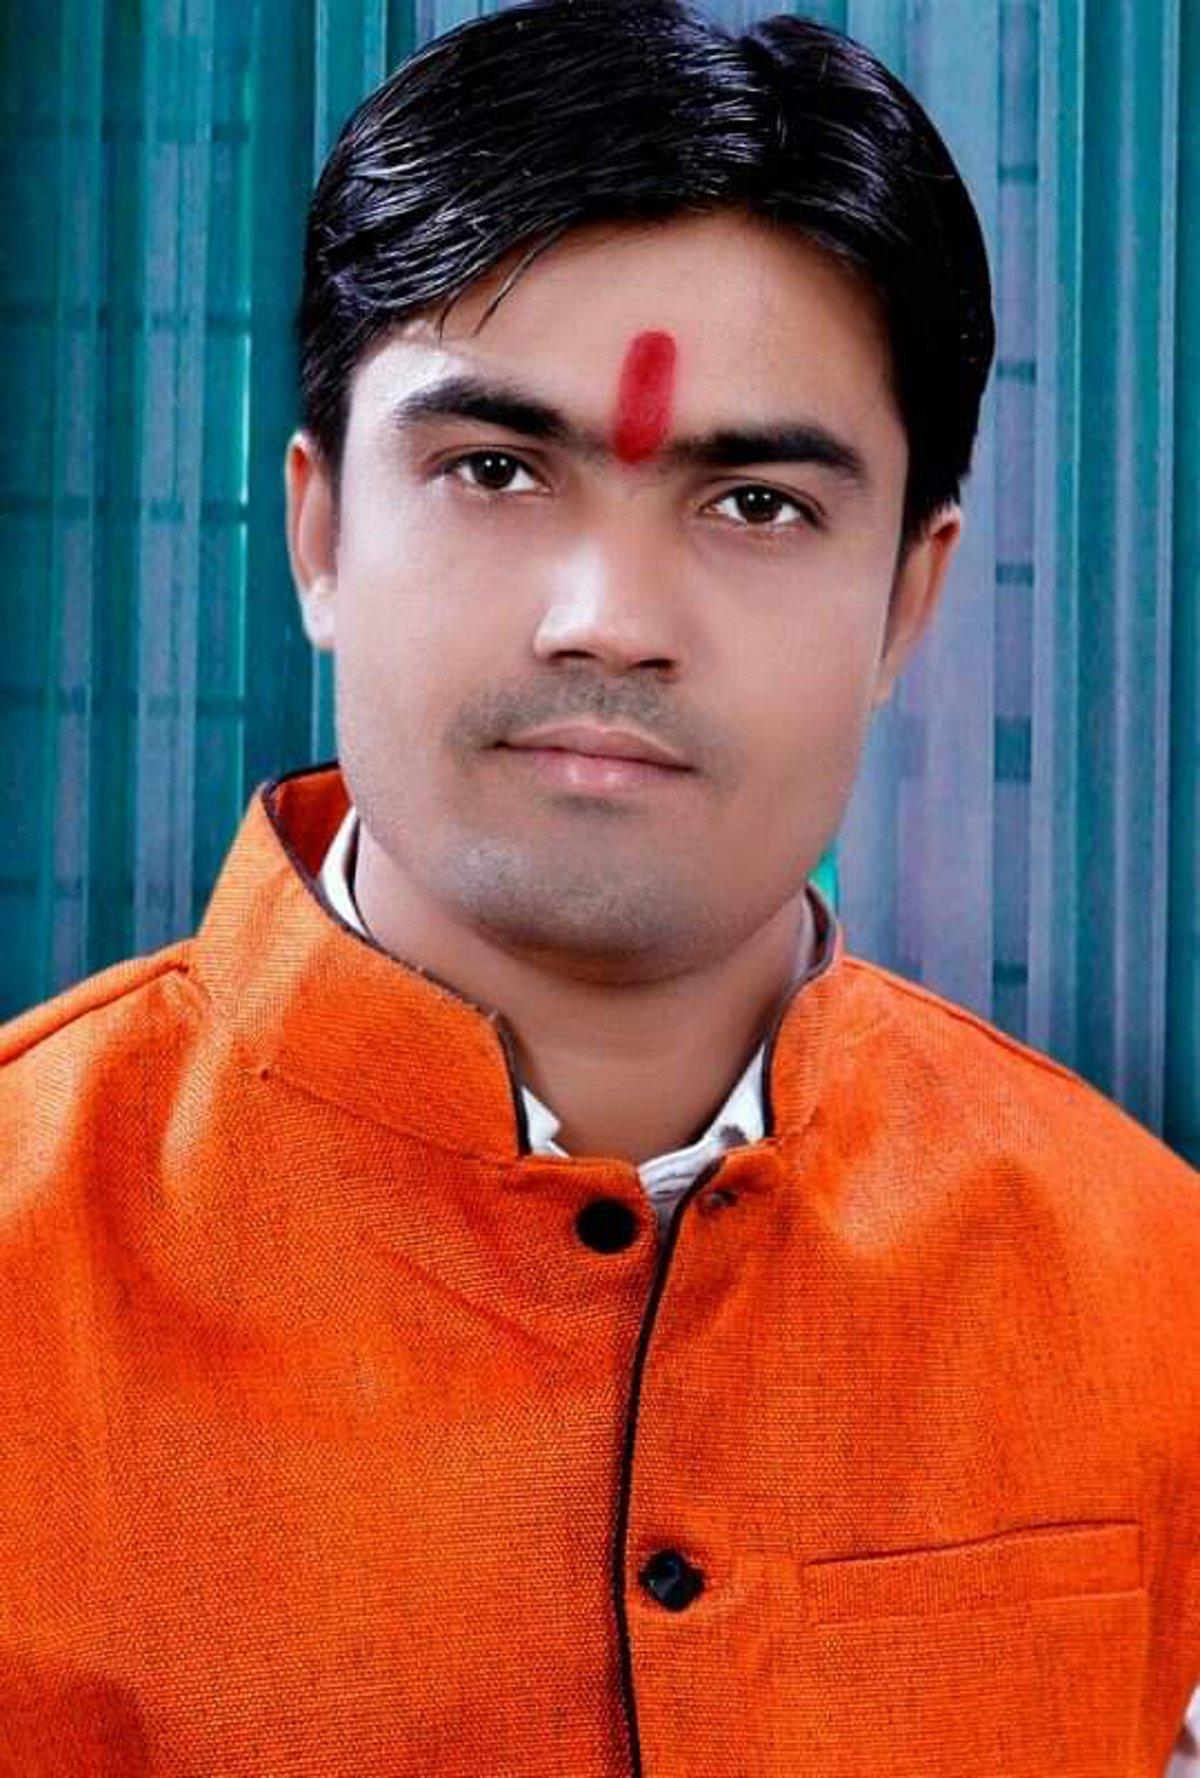 भाजपा जिला महामंत्री पर अपहरण का आरोप, थाने में शिकायत